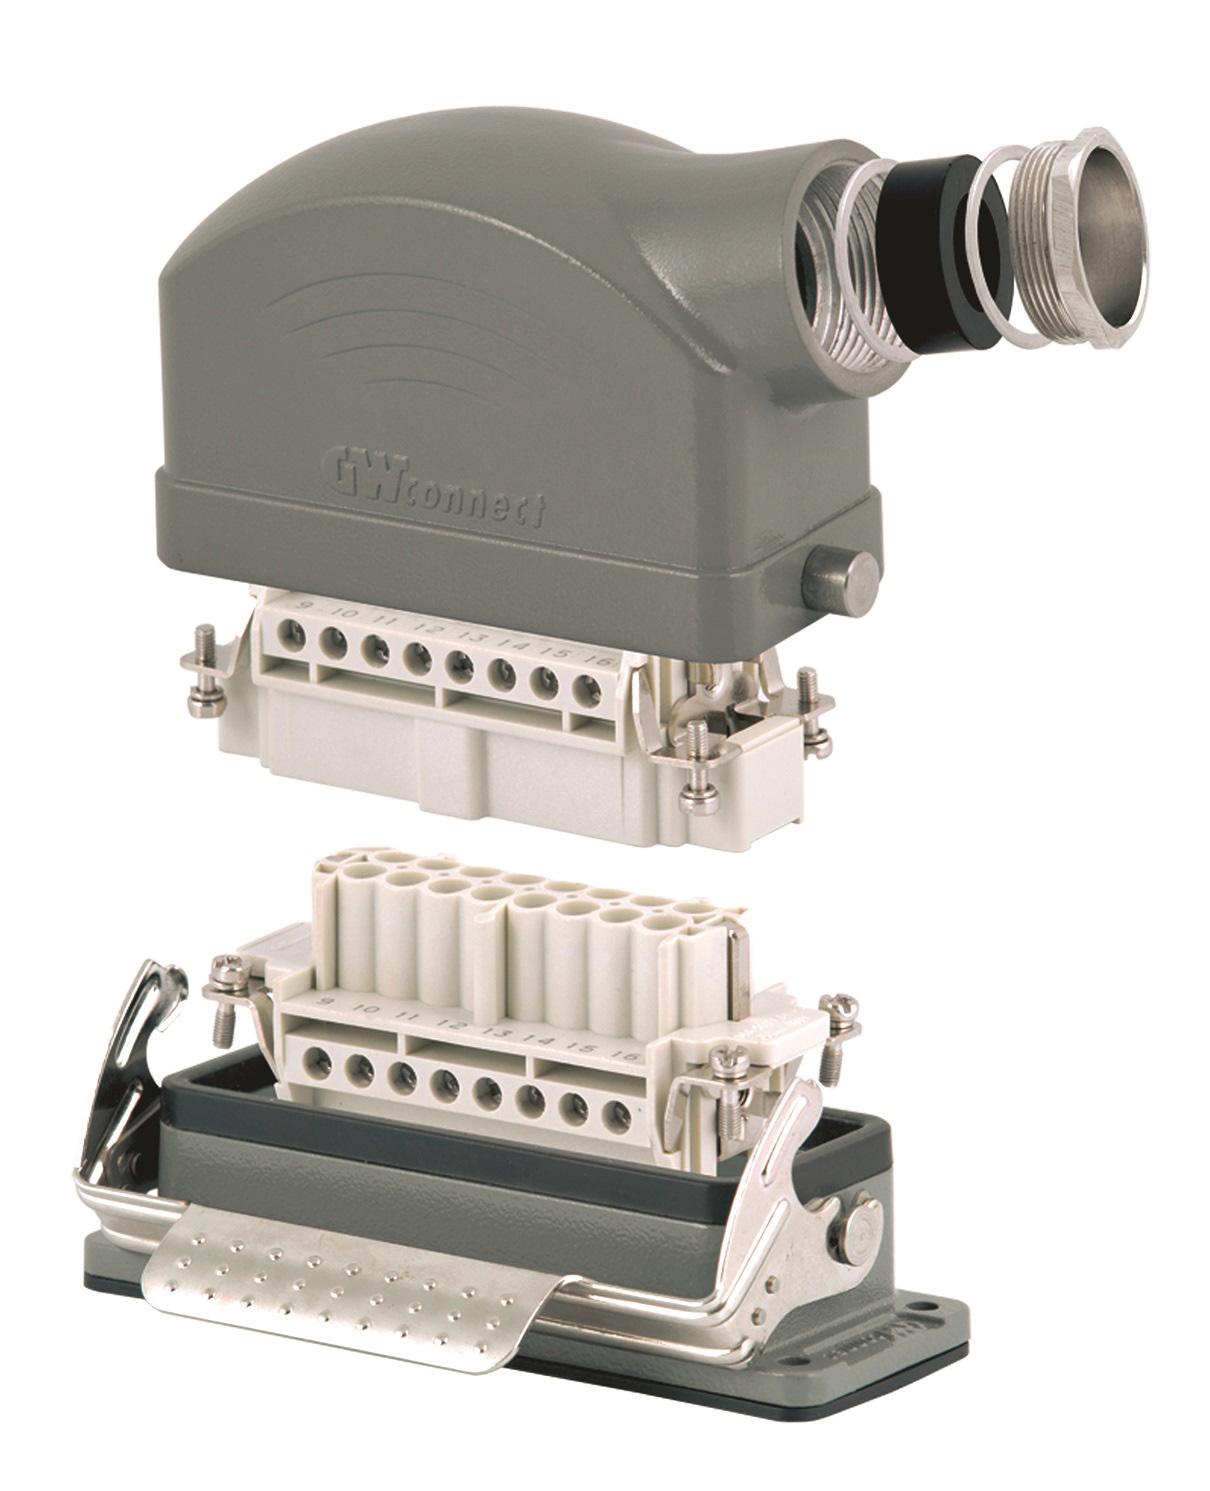 Neuer Steckverbinder für die industrielle Automatisierungstechnik